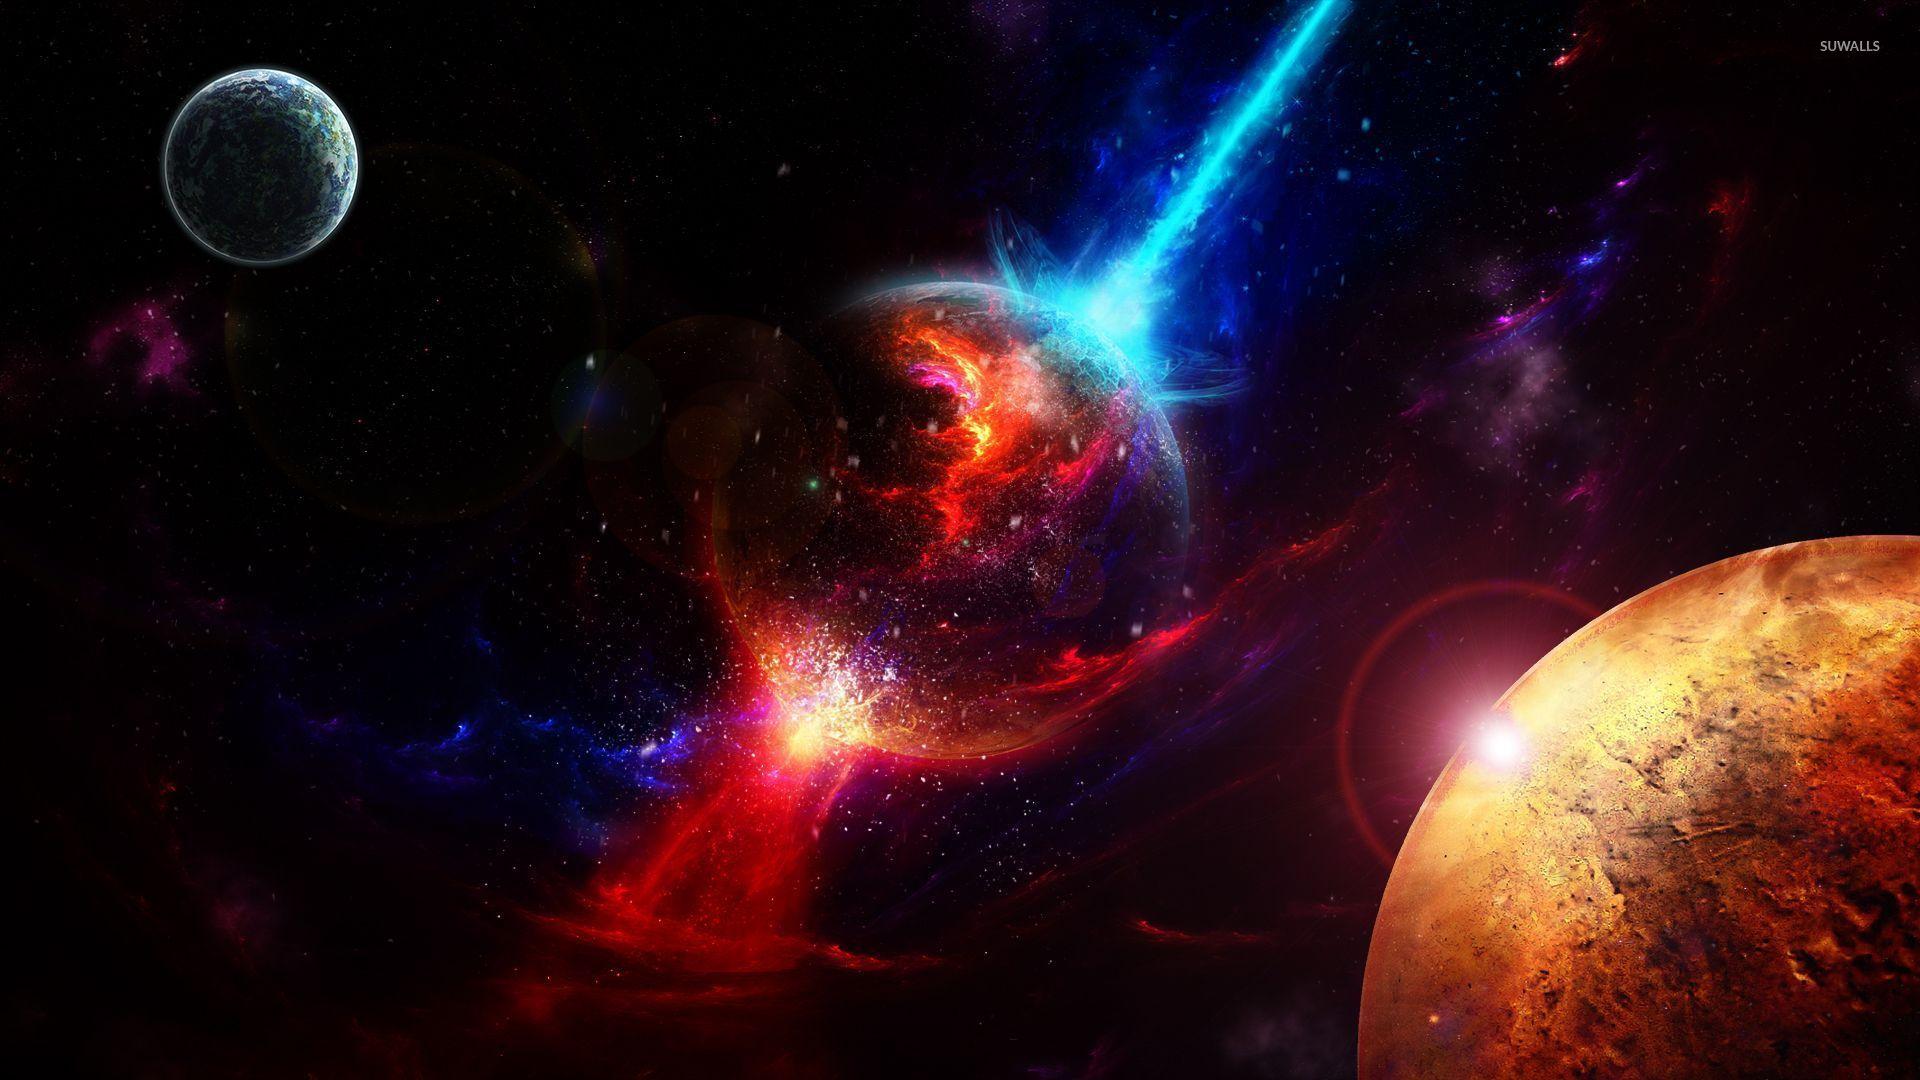 Обои космос вселенная планета картинки на рабочий стол на тему Космос - скачать  № 1955768 бесплатно